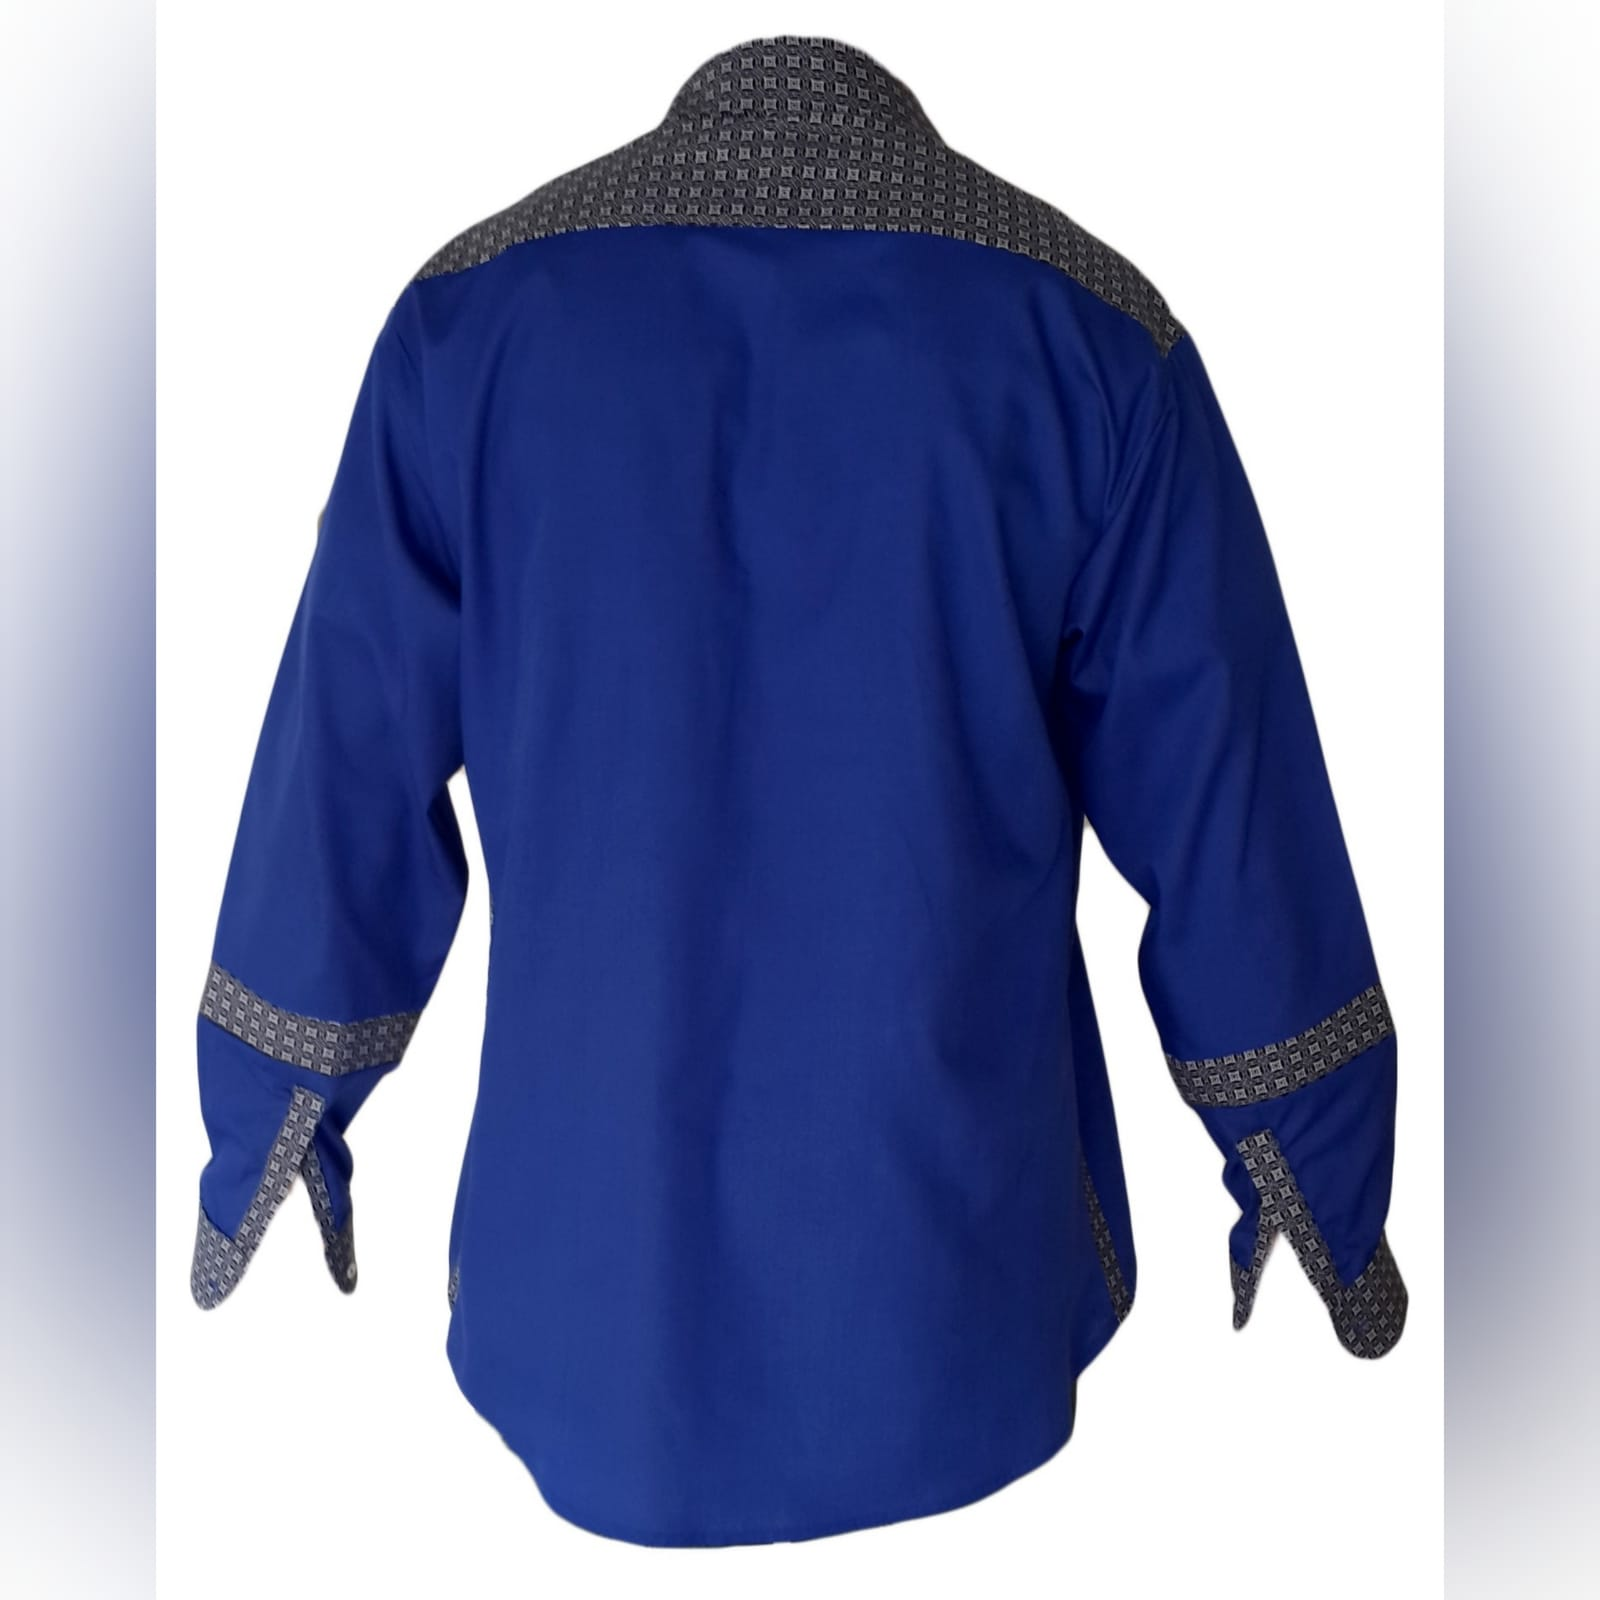 Camisa de homem tradicional com tecido africano 4 camisa de homem tradicional com detalhes de tecido africano shweshwe. Shweshwe foi usado nos punhos, gola, faixa de botões e parte superior das costas e shweshwe detalhando no antebraço.